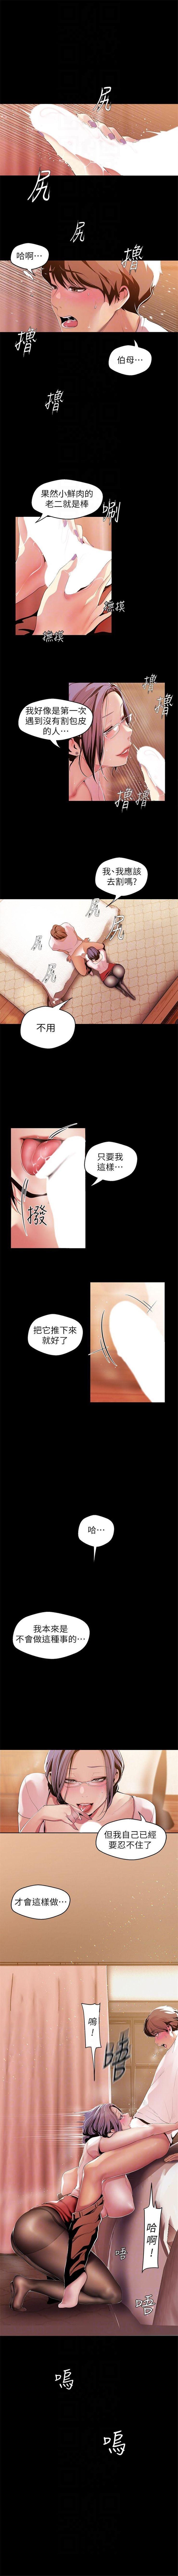 (周6)美丽新世界 1-61 中文翻译 (更新中) 357